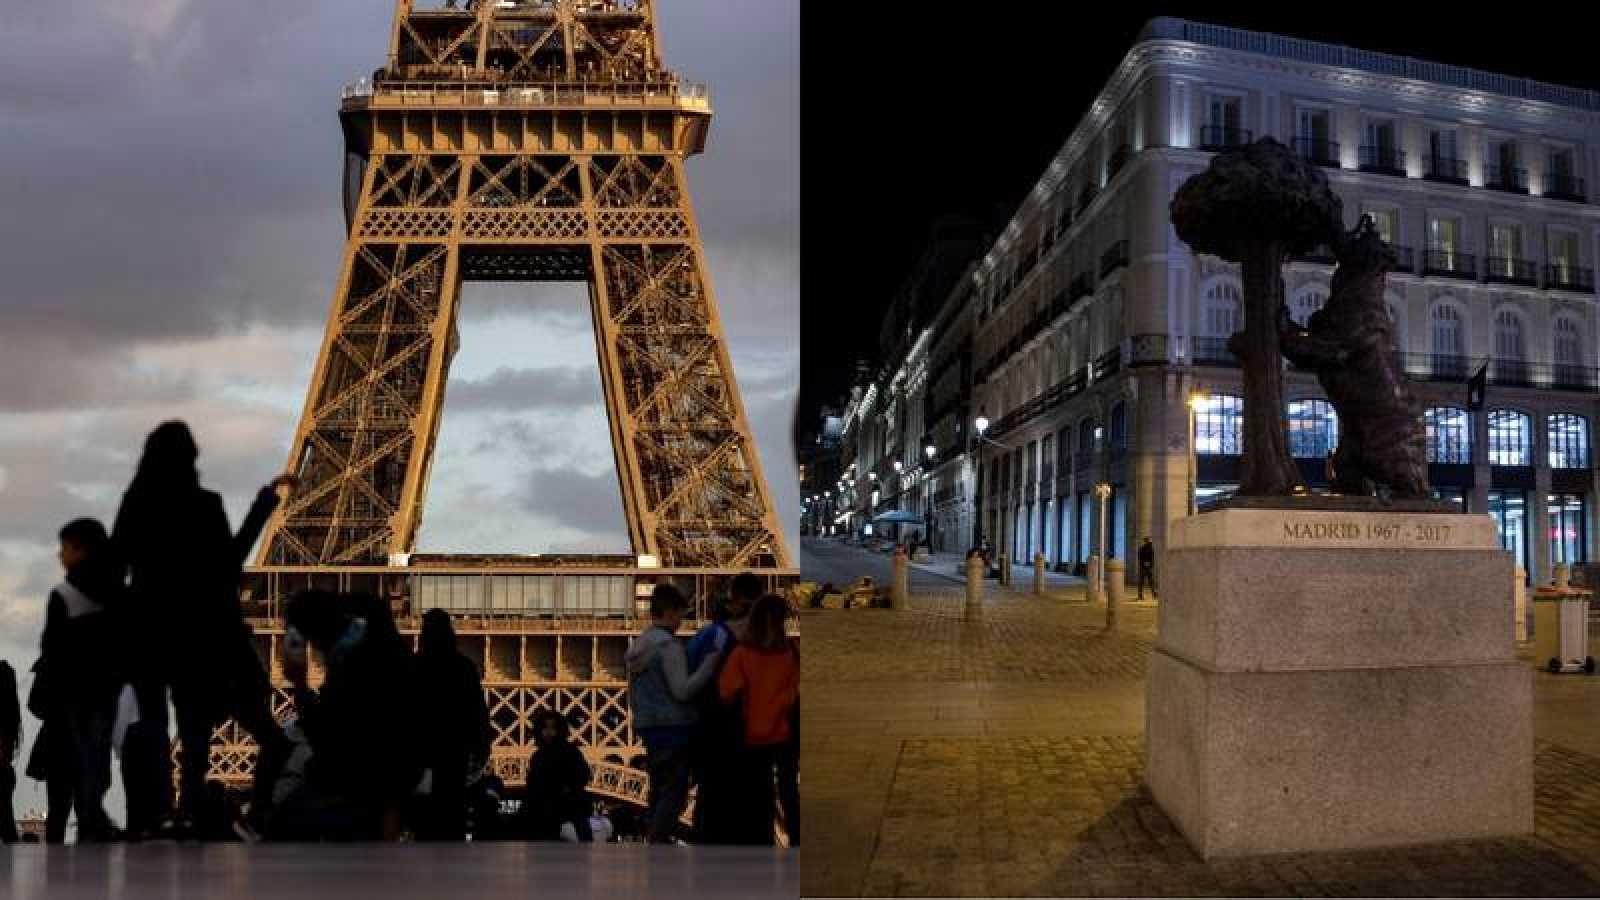 Vista de la Torre Eiffel en Madrid y del tradicional oso y el madroño en la Puerta del Sol de Madrid